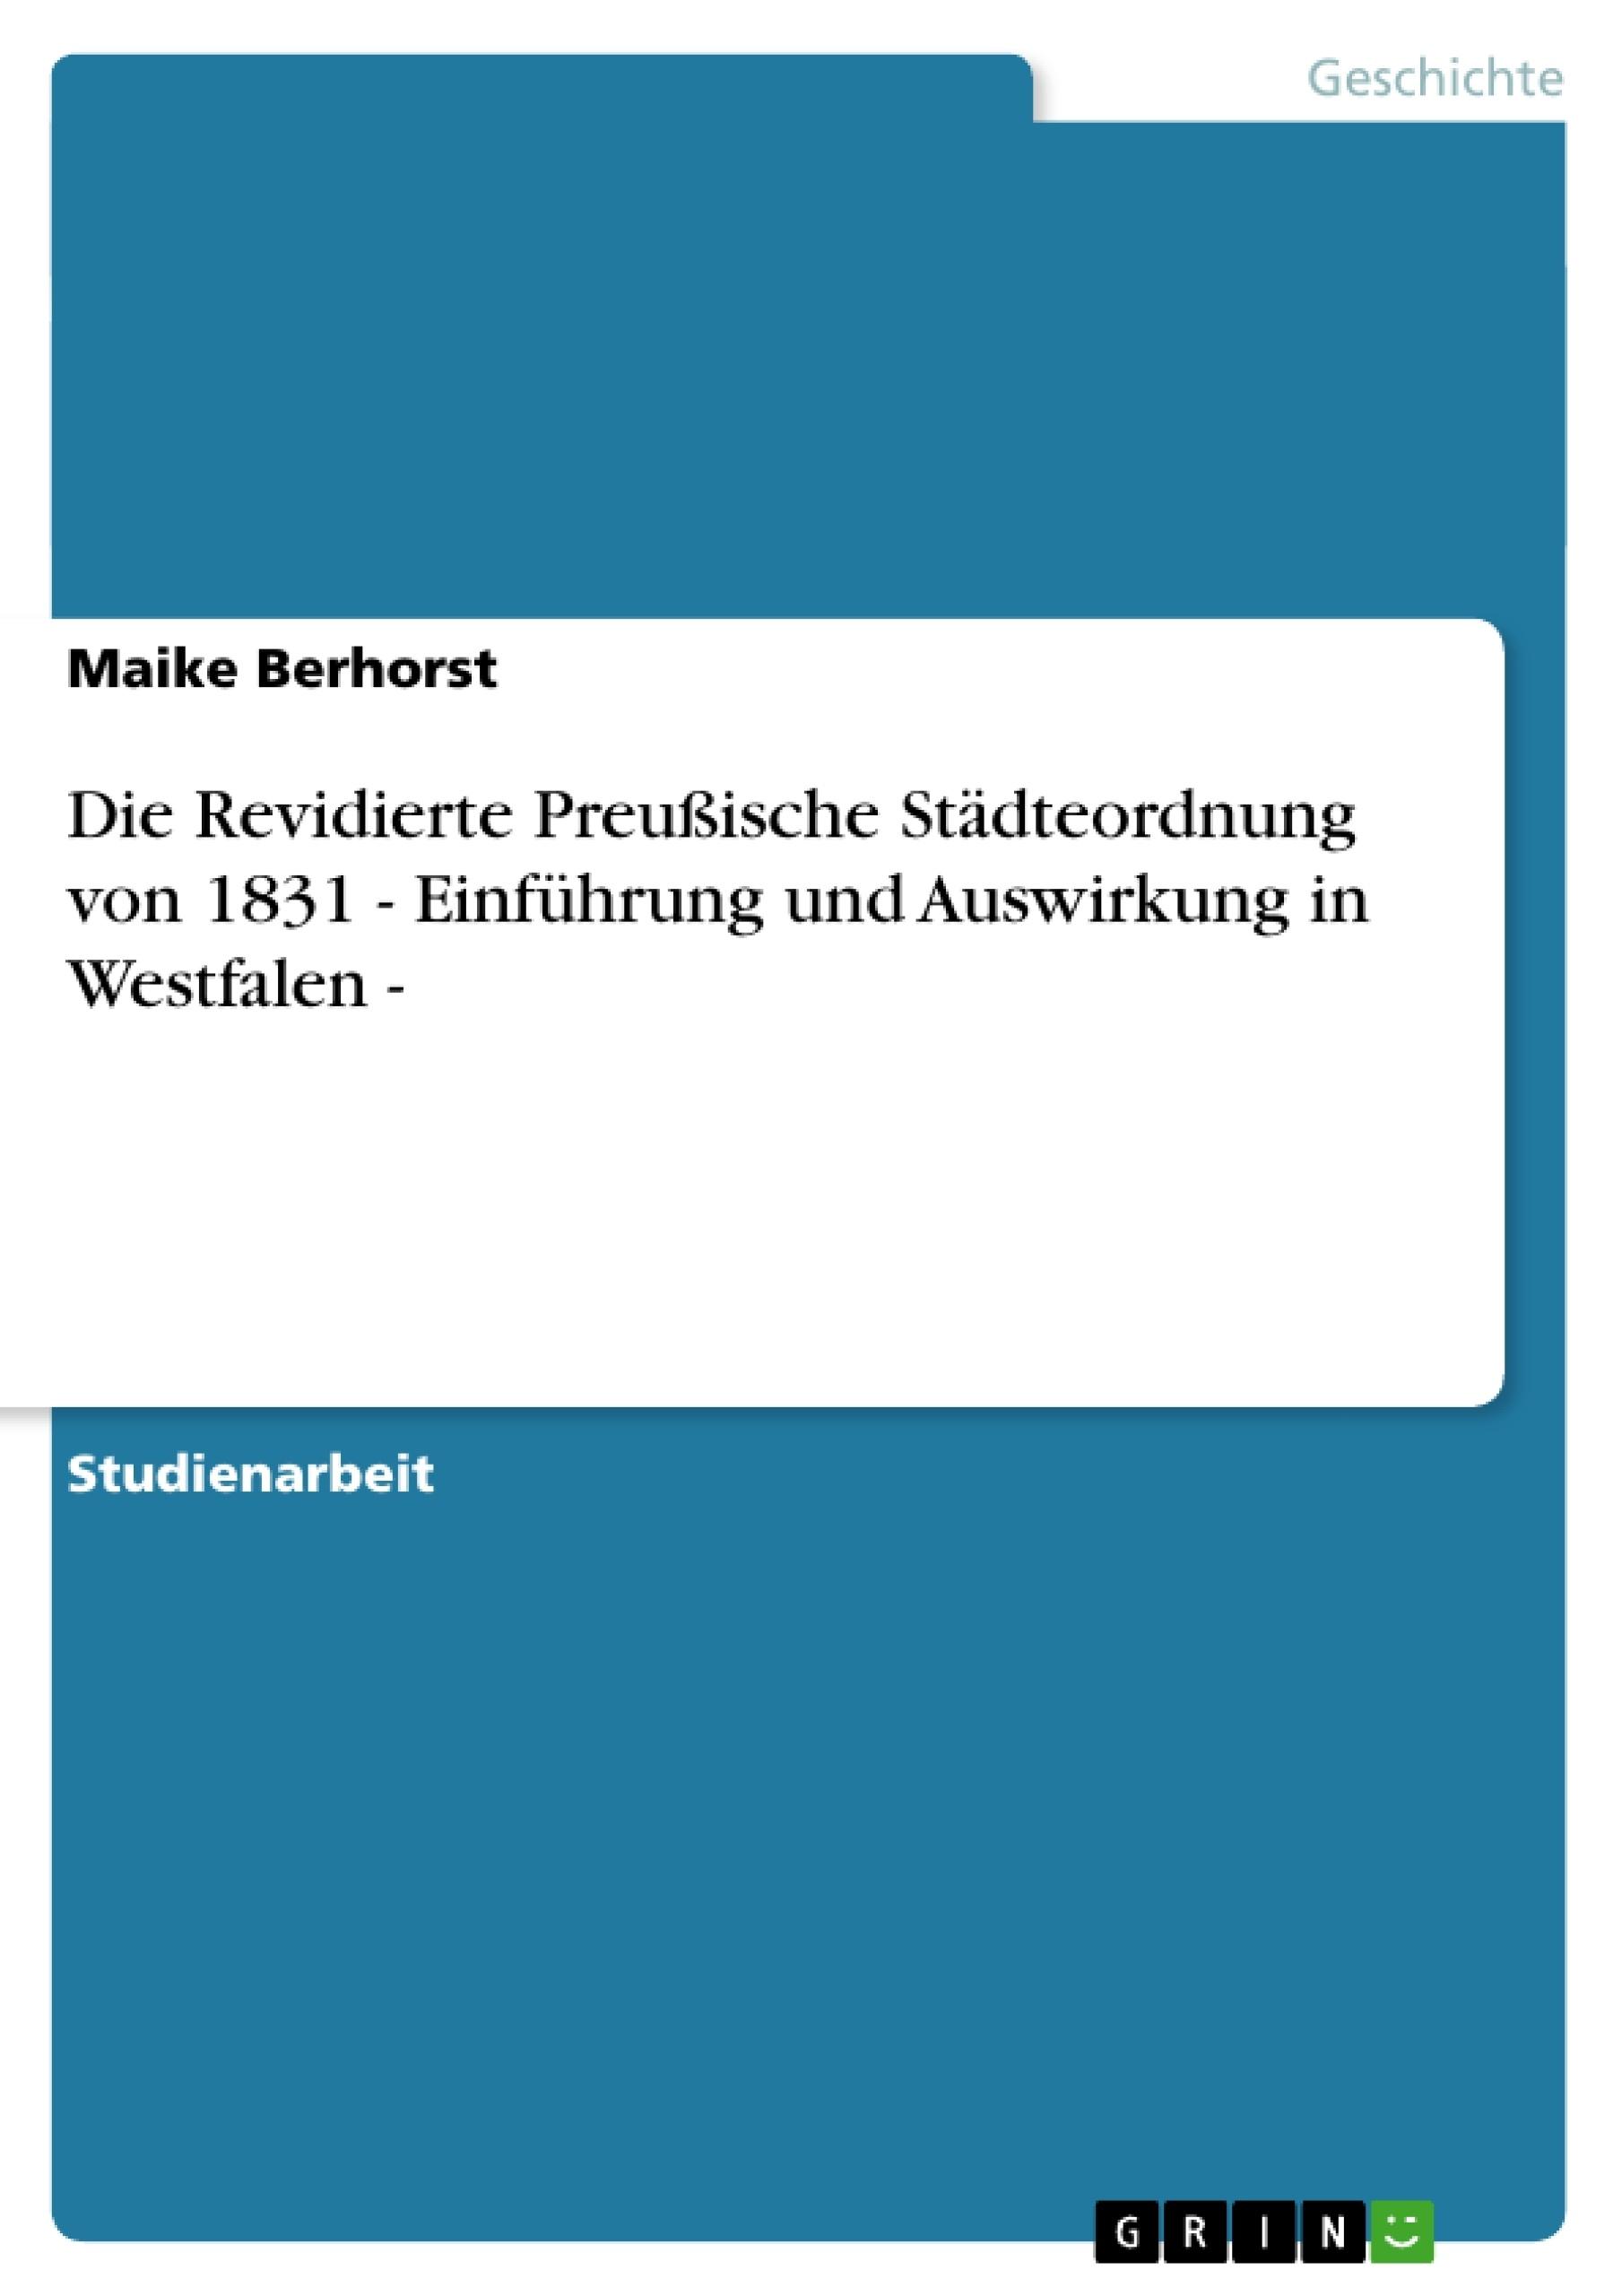 Titel: Die Revidierte Preußische Städteordnung von 1831 - Einführung und Auswirkung in Westfalen -